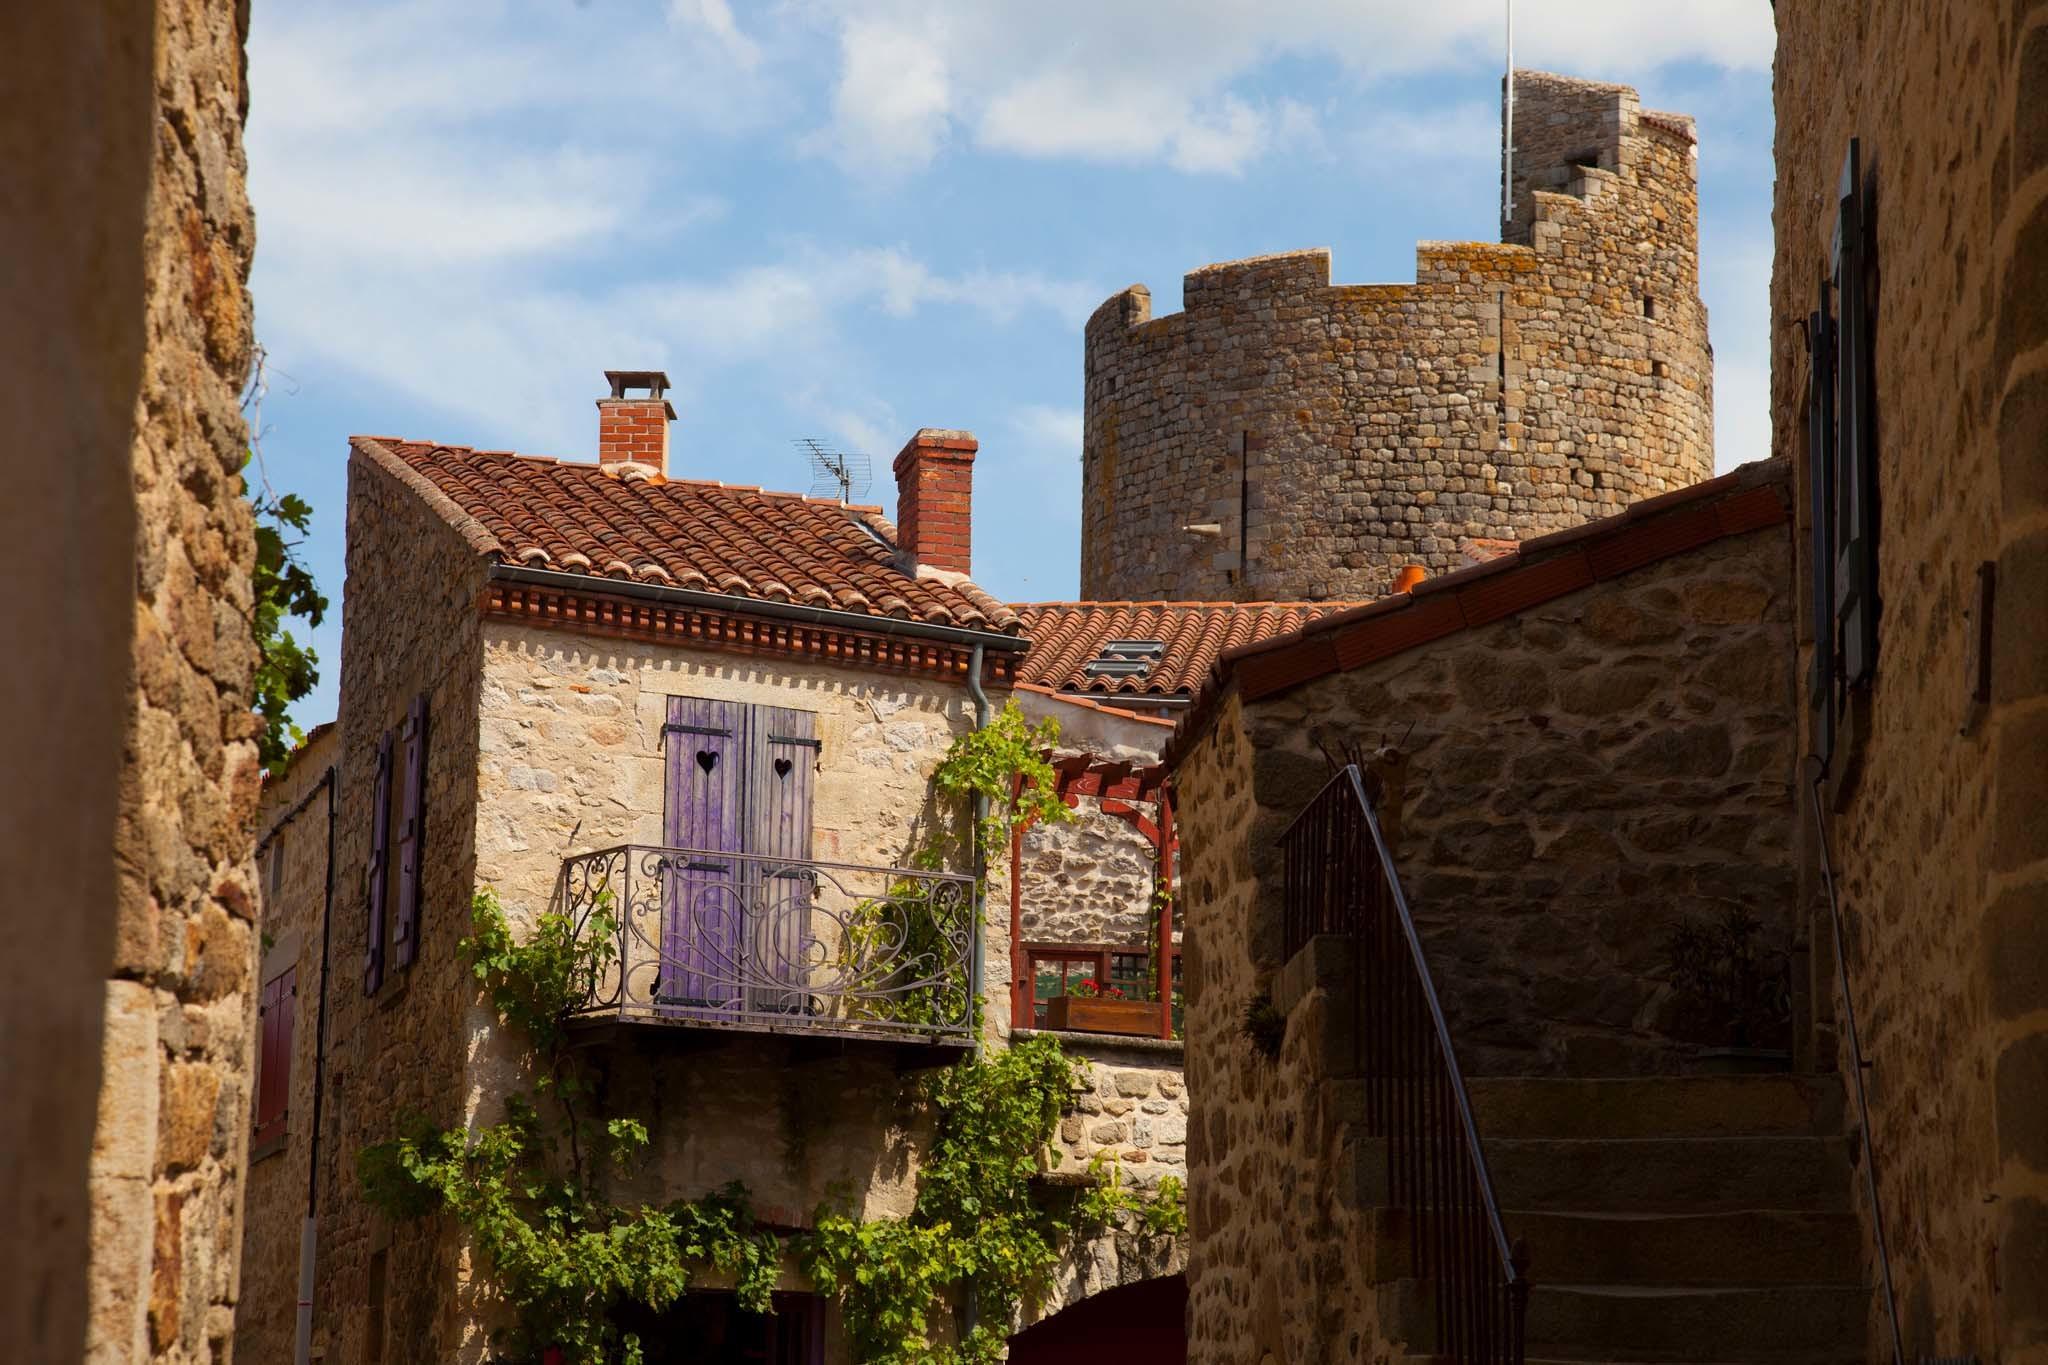 France, Auvergne, Montpeyroux village